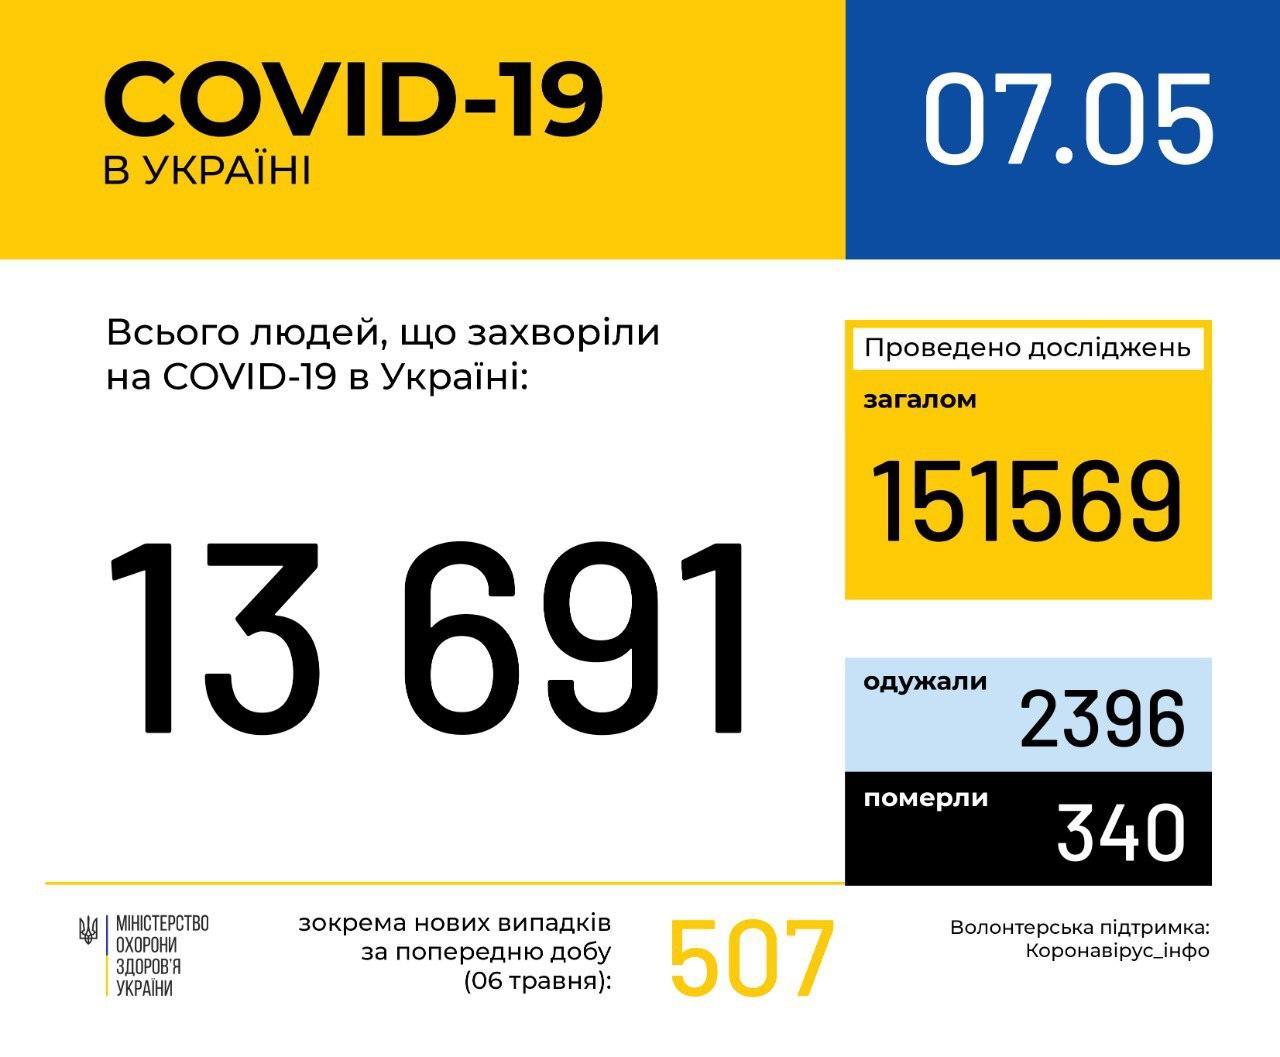 Коронавірус не відступає: за добу в Україні було інфіковано ще понад півтисячі людей